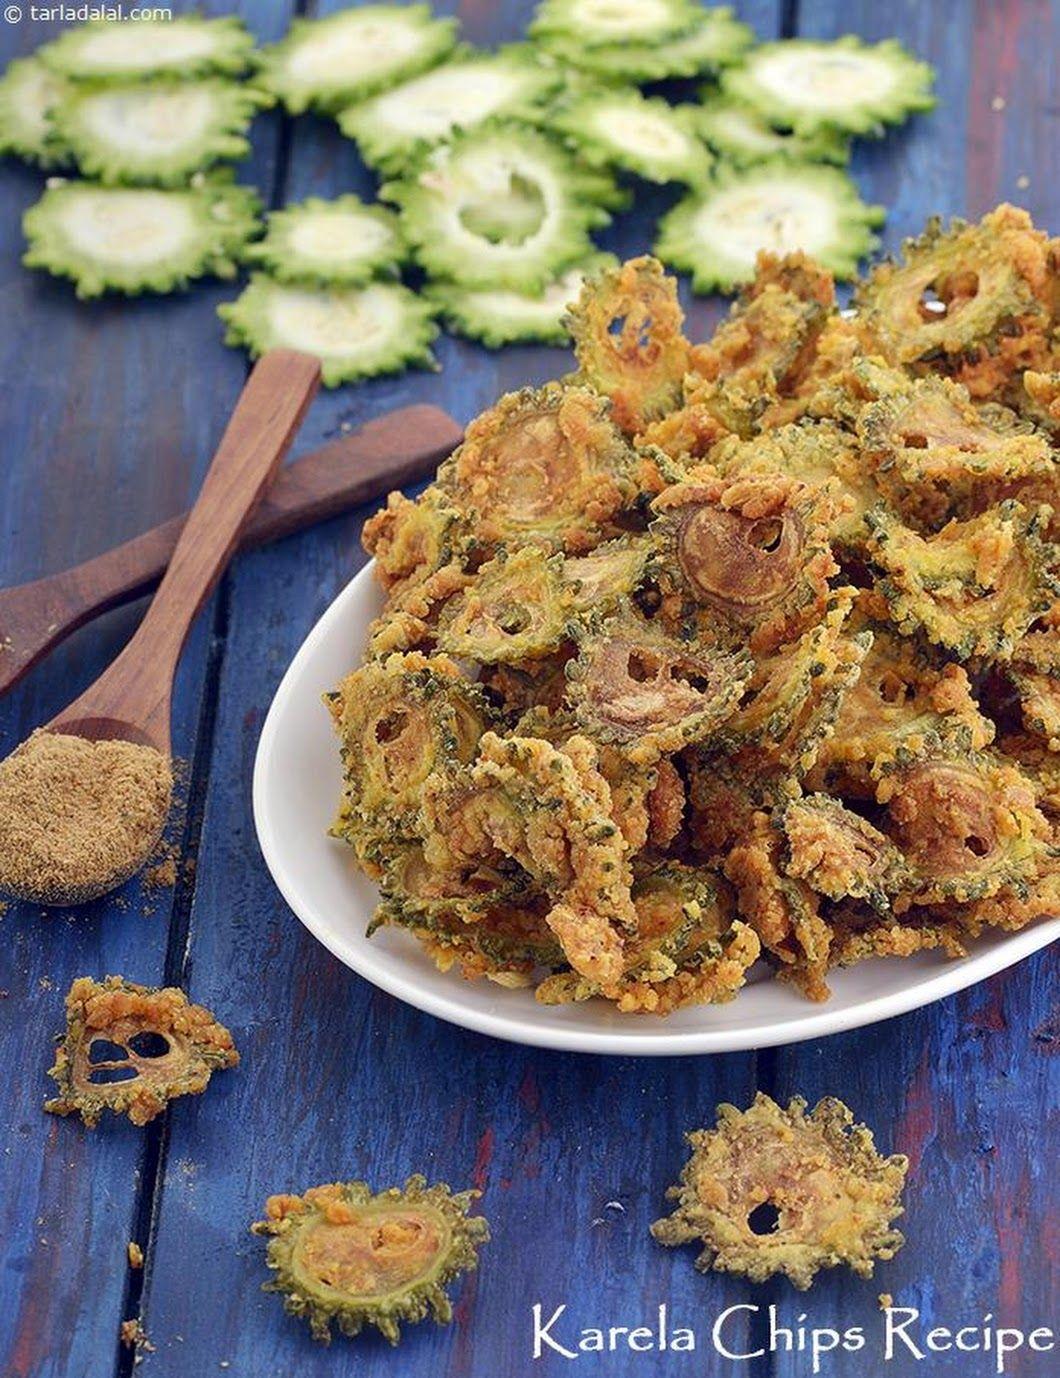 Httpstarladalalkarela chips recipe bitter gourd snack httpstarladalalkarela chips recipe indian food forumfinder Gallery